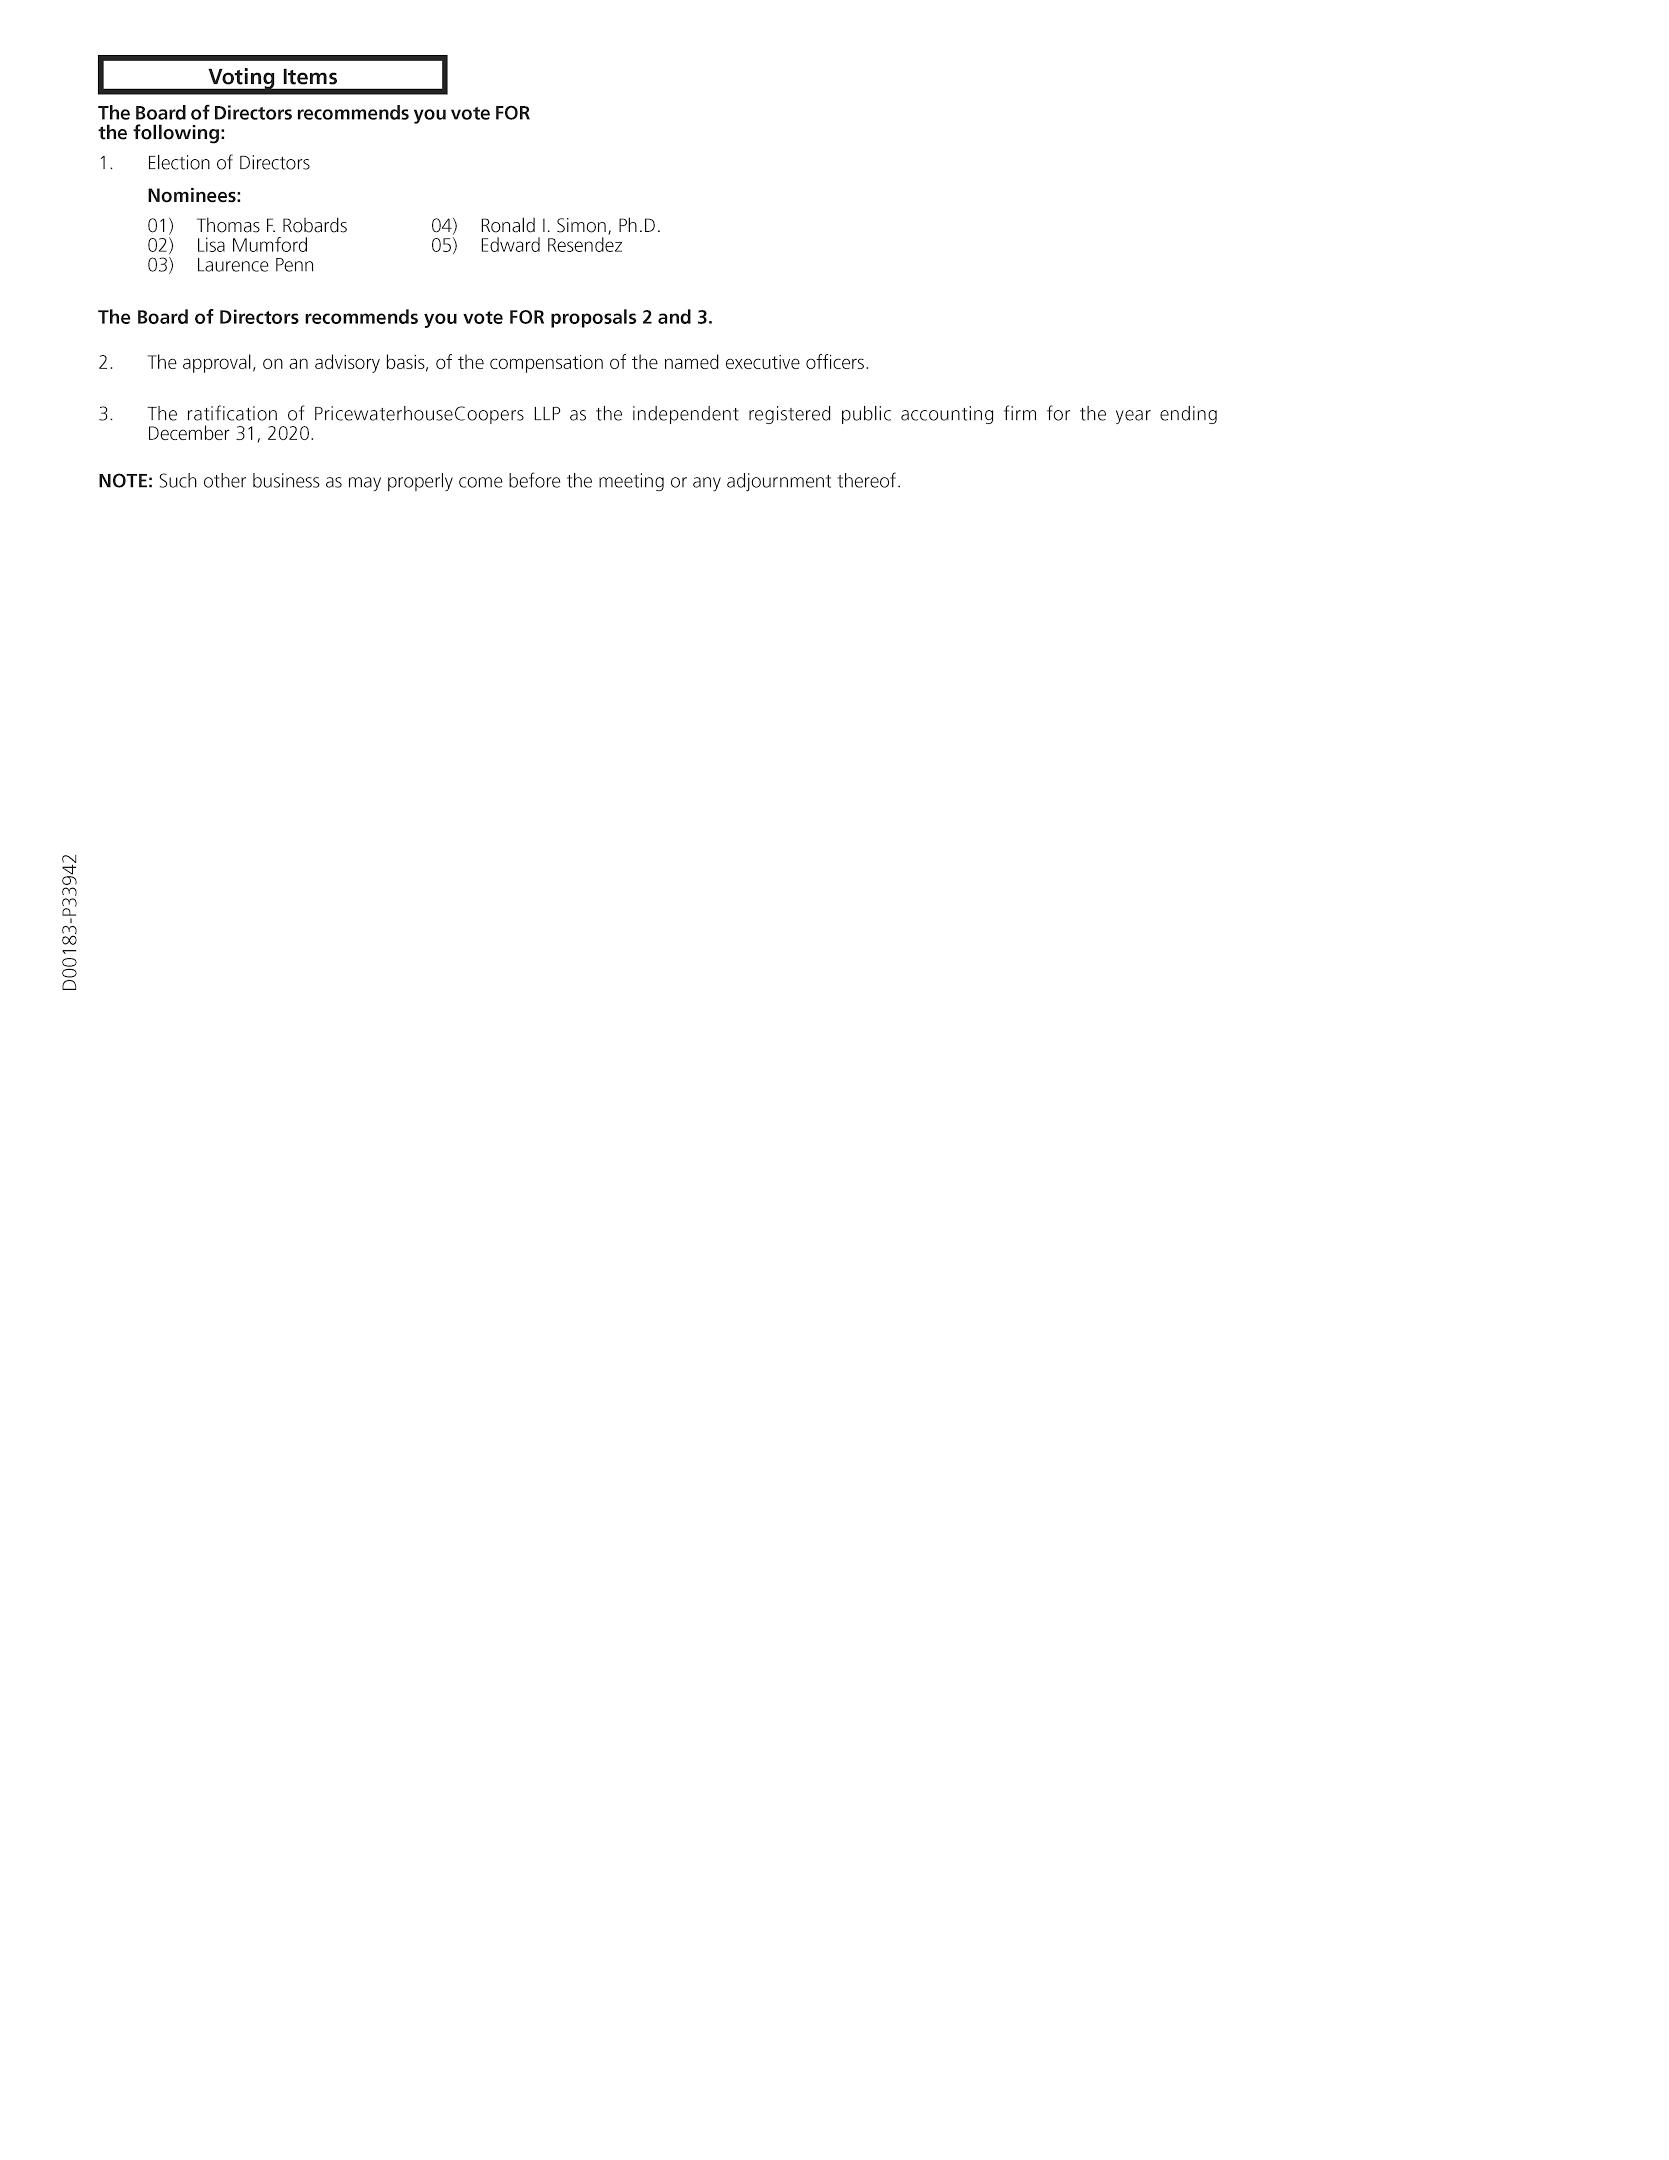 https://cdn.kscope.io/66a71ba9b46d91895695c83e9a9f34c0-efcnoticepg3.jpg